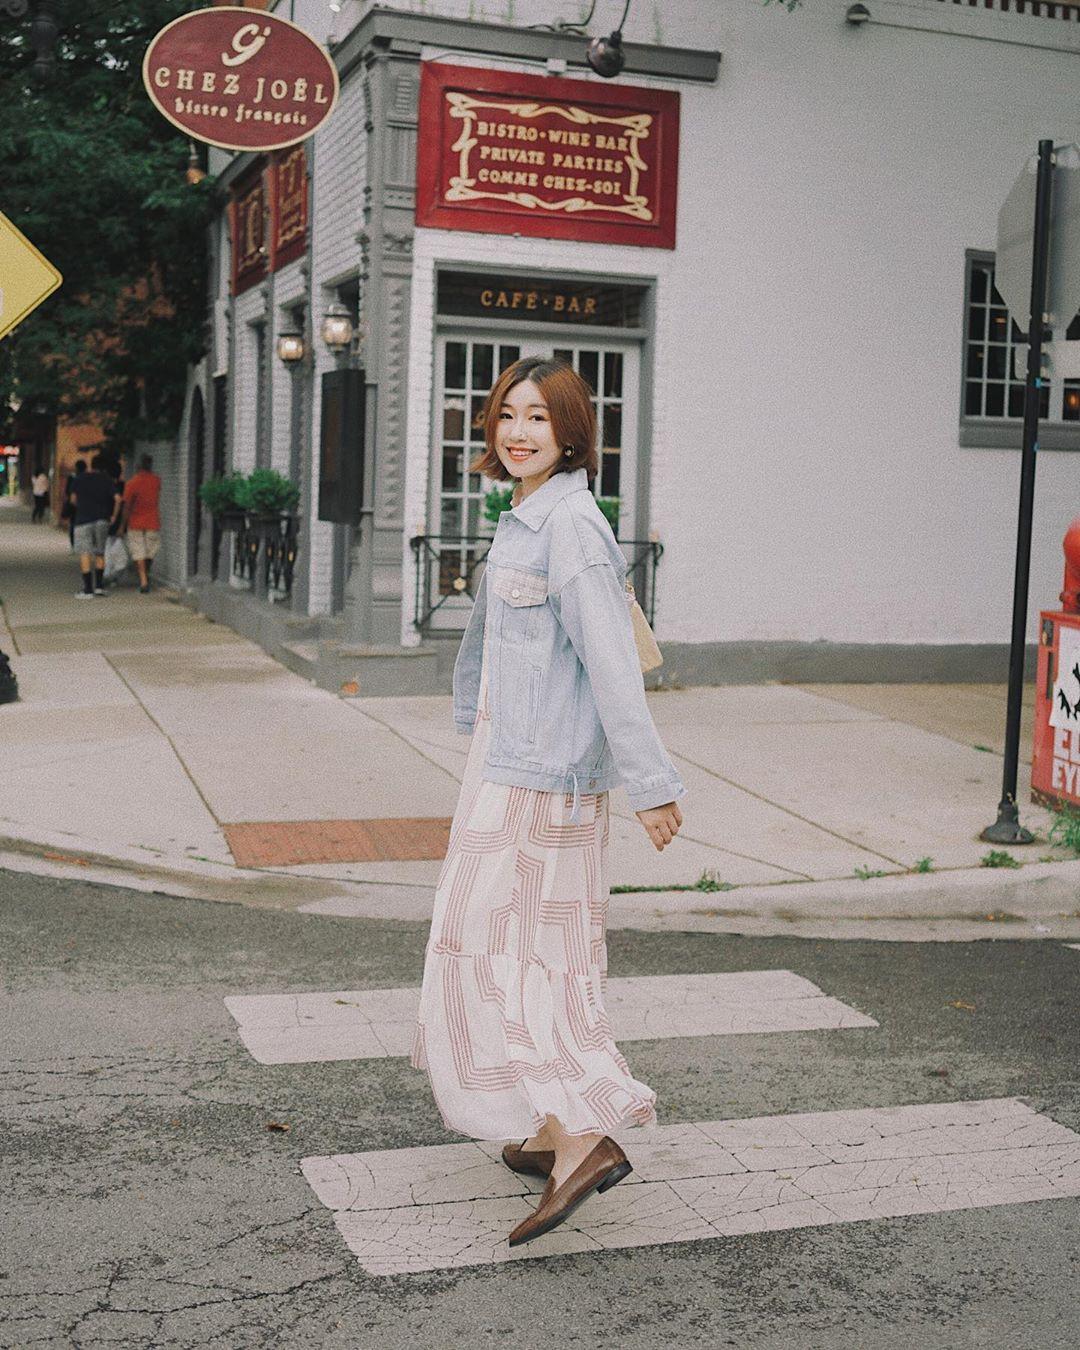 Không kiểu váy nào vượt qua được váy dáng dài về độ sang chảnh, yêu kiều và hợp rơ với tiết trời se lạnh-4